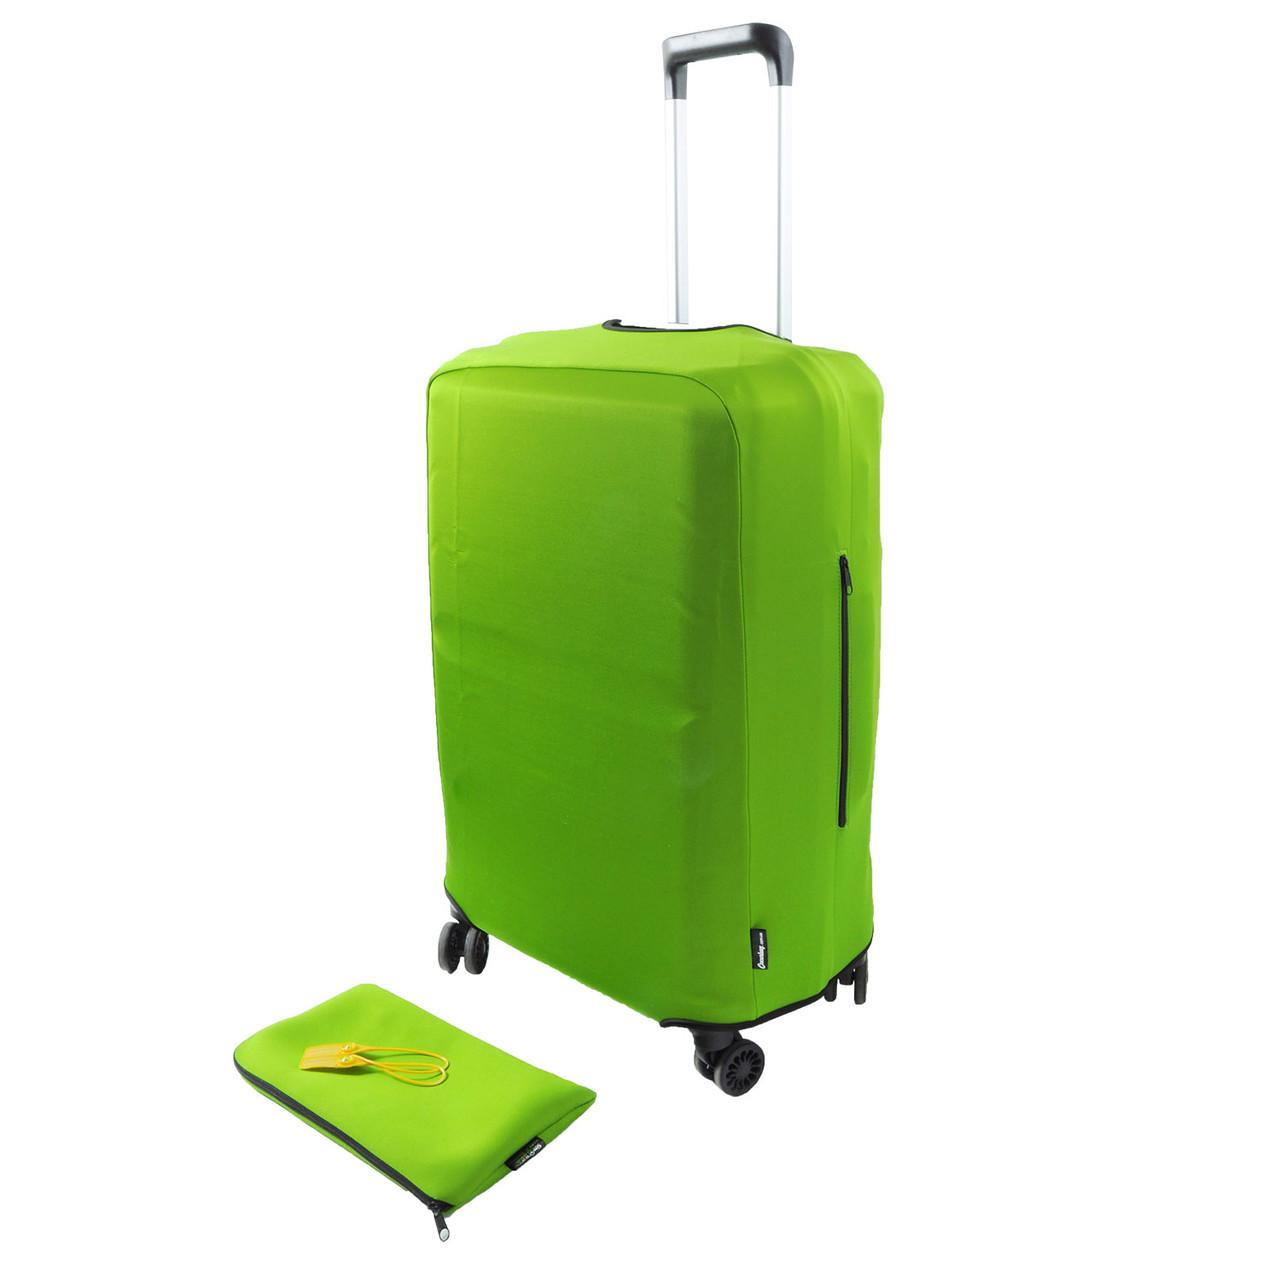 Чехол для чемодана L (65 - 75 см) - Зеленый (Фастекс, пластиковая защелка, сумочка)